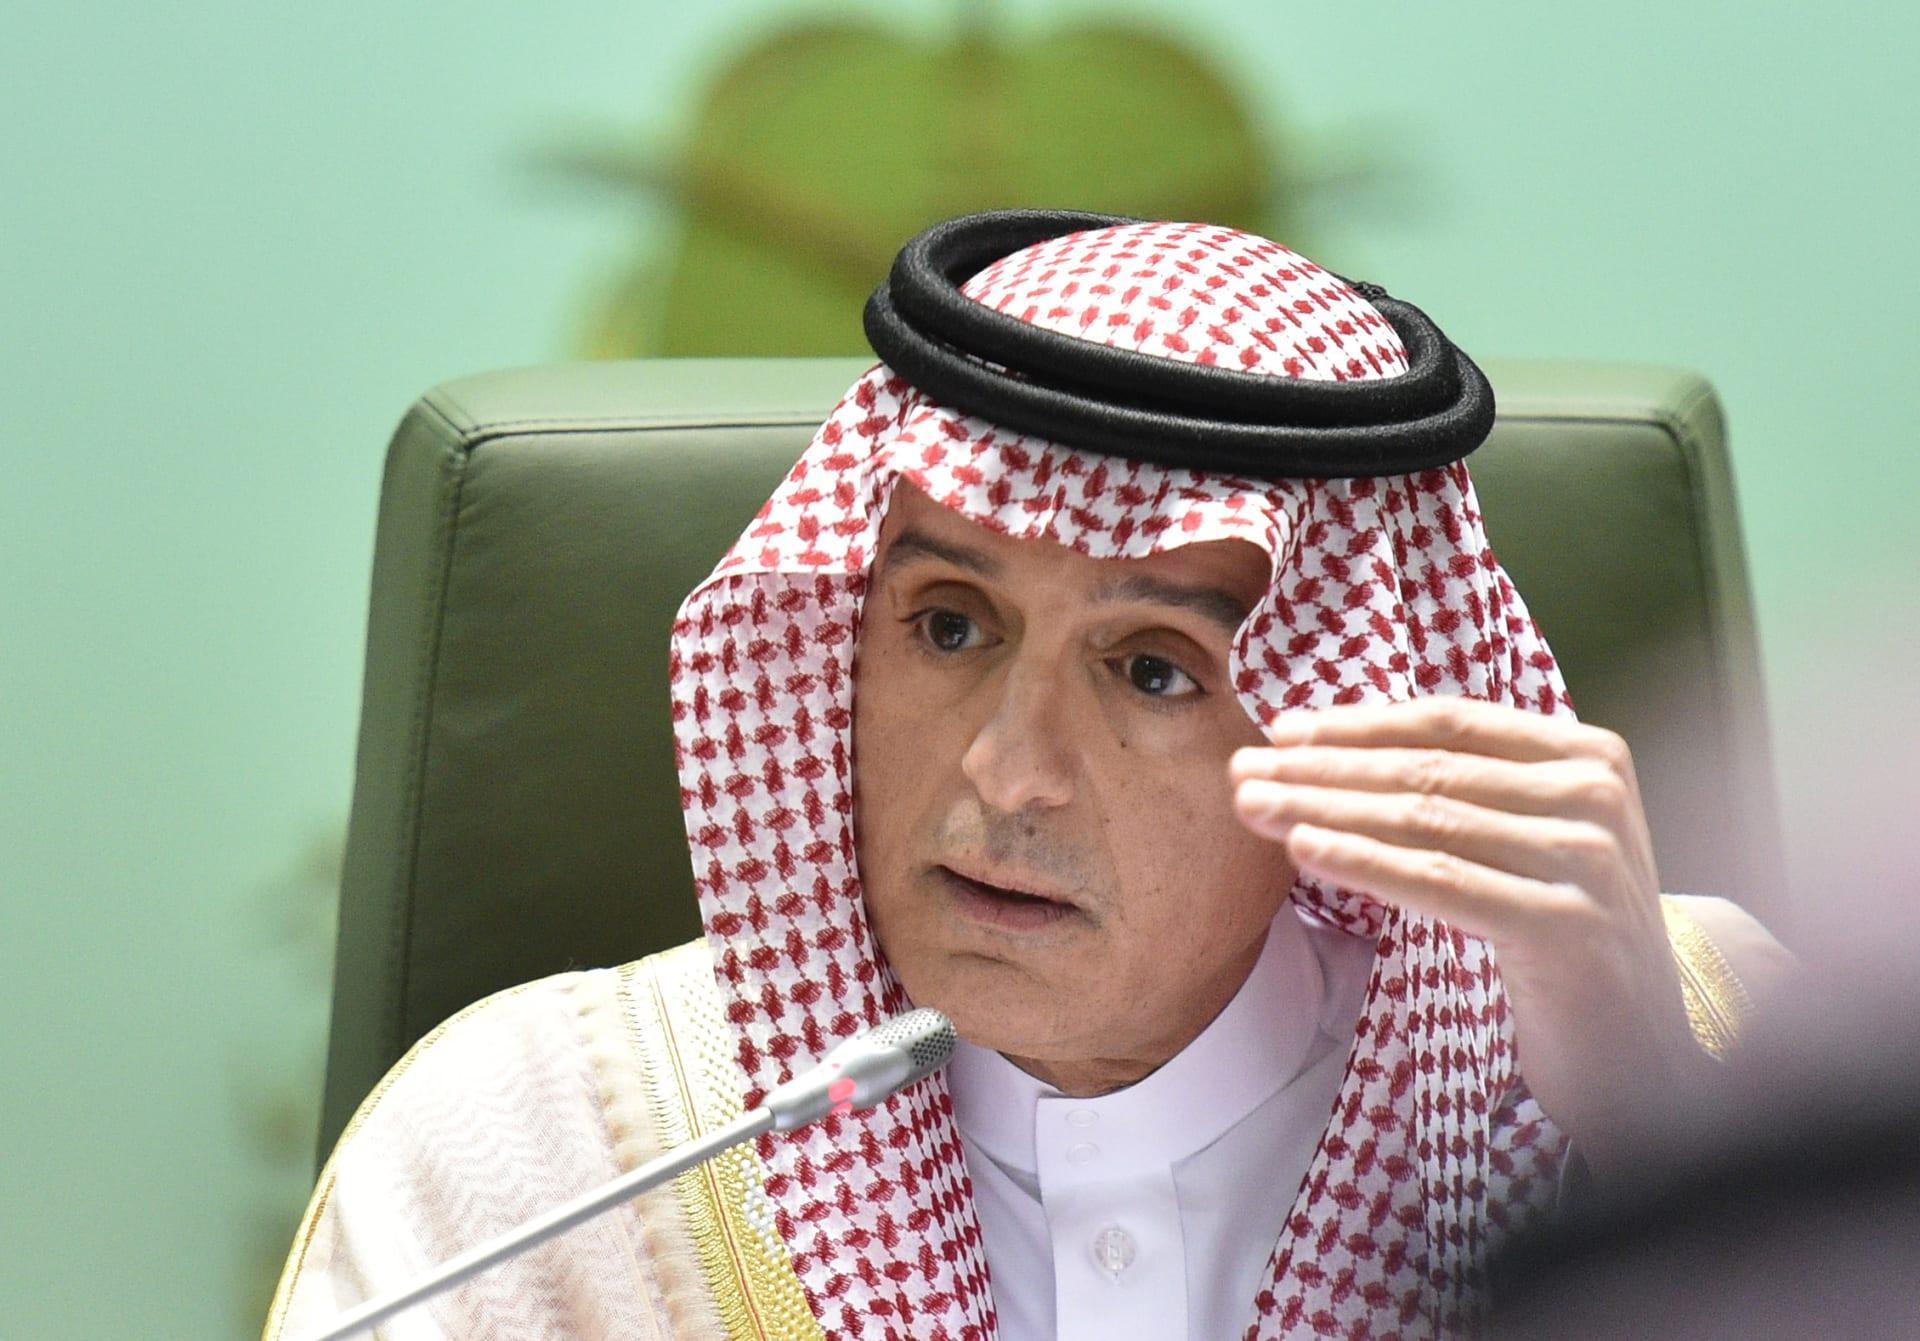 عادل الجبير لألمانيا: لسنا في حاجة لأسلحتكم.. وأمير سعودي يُعلق